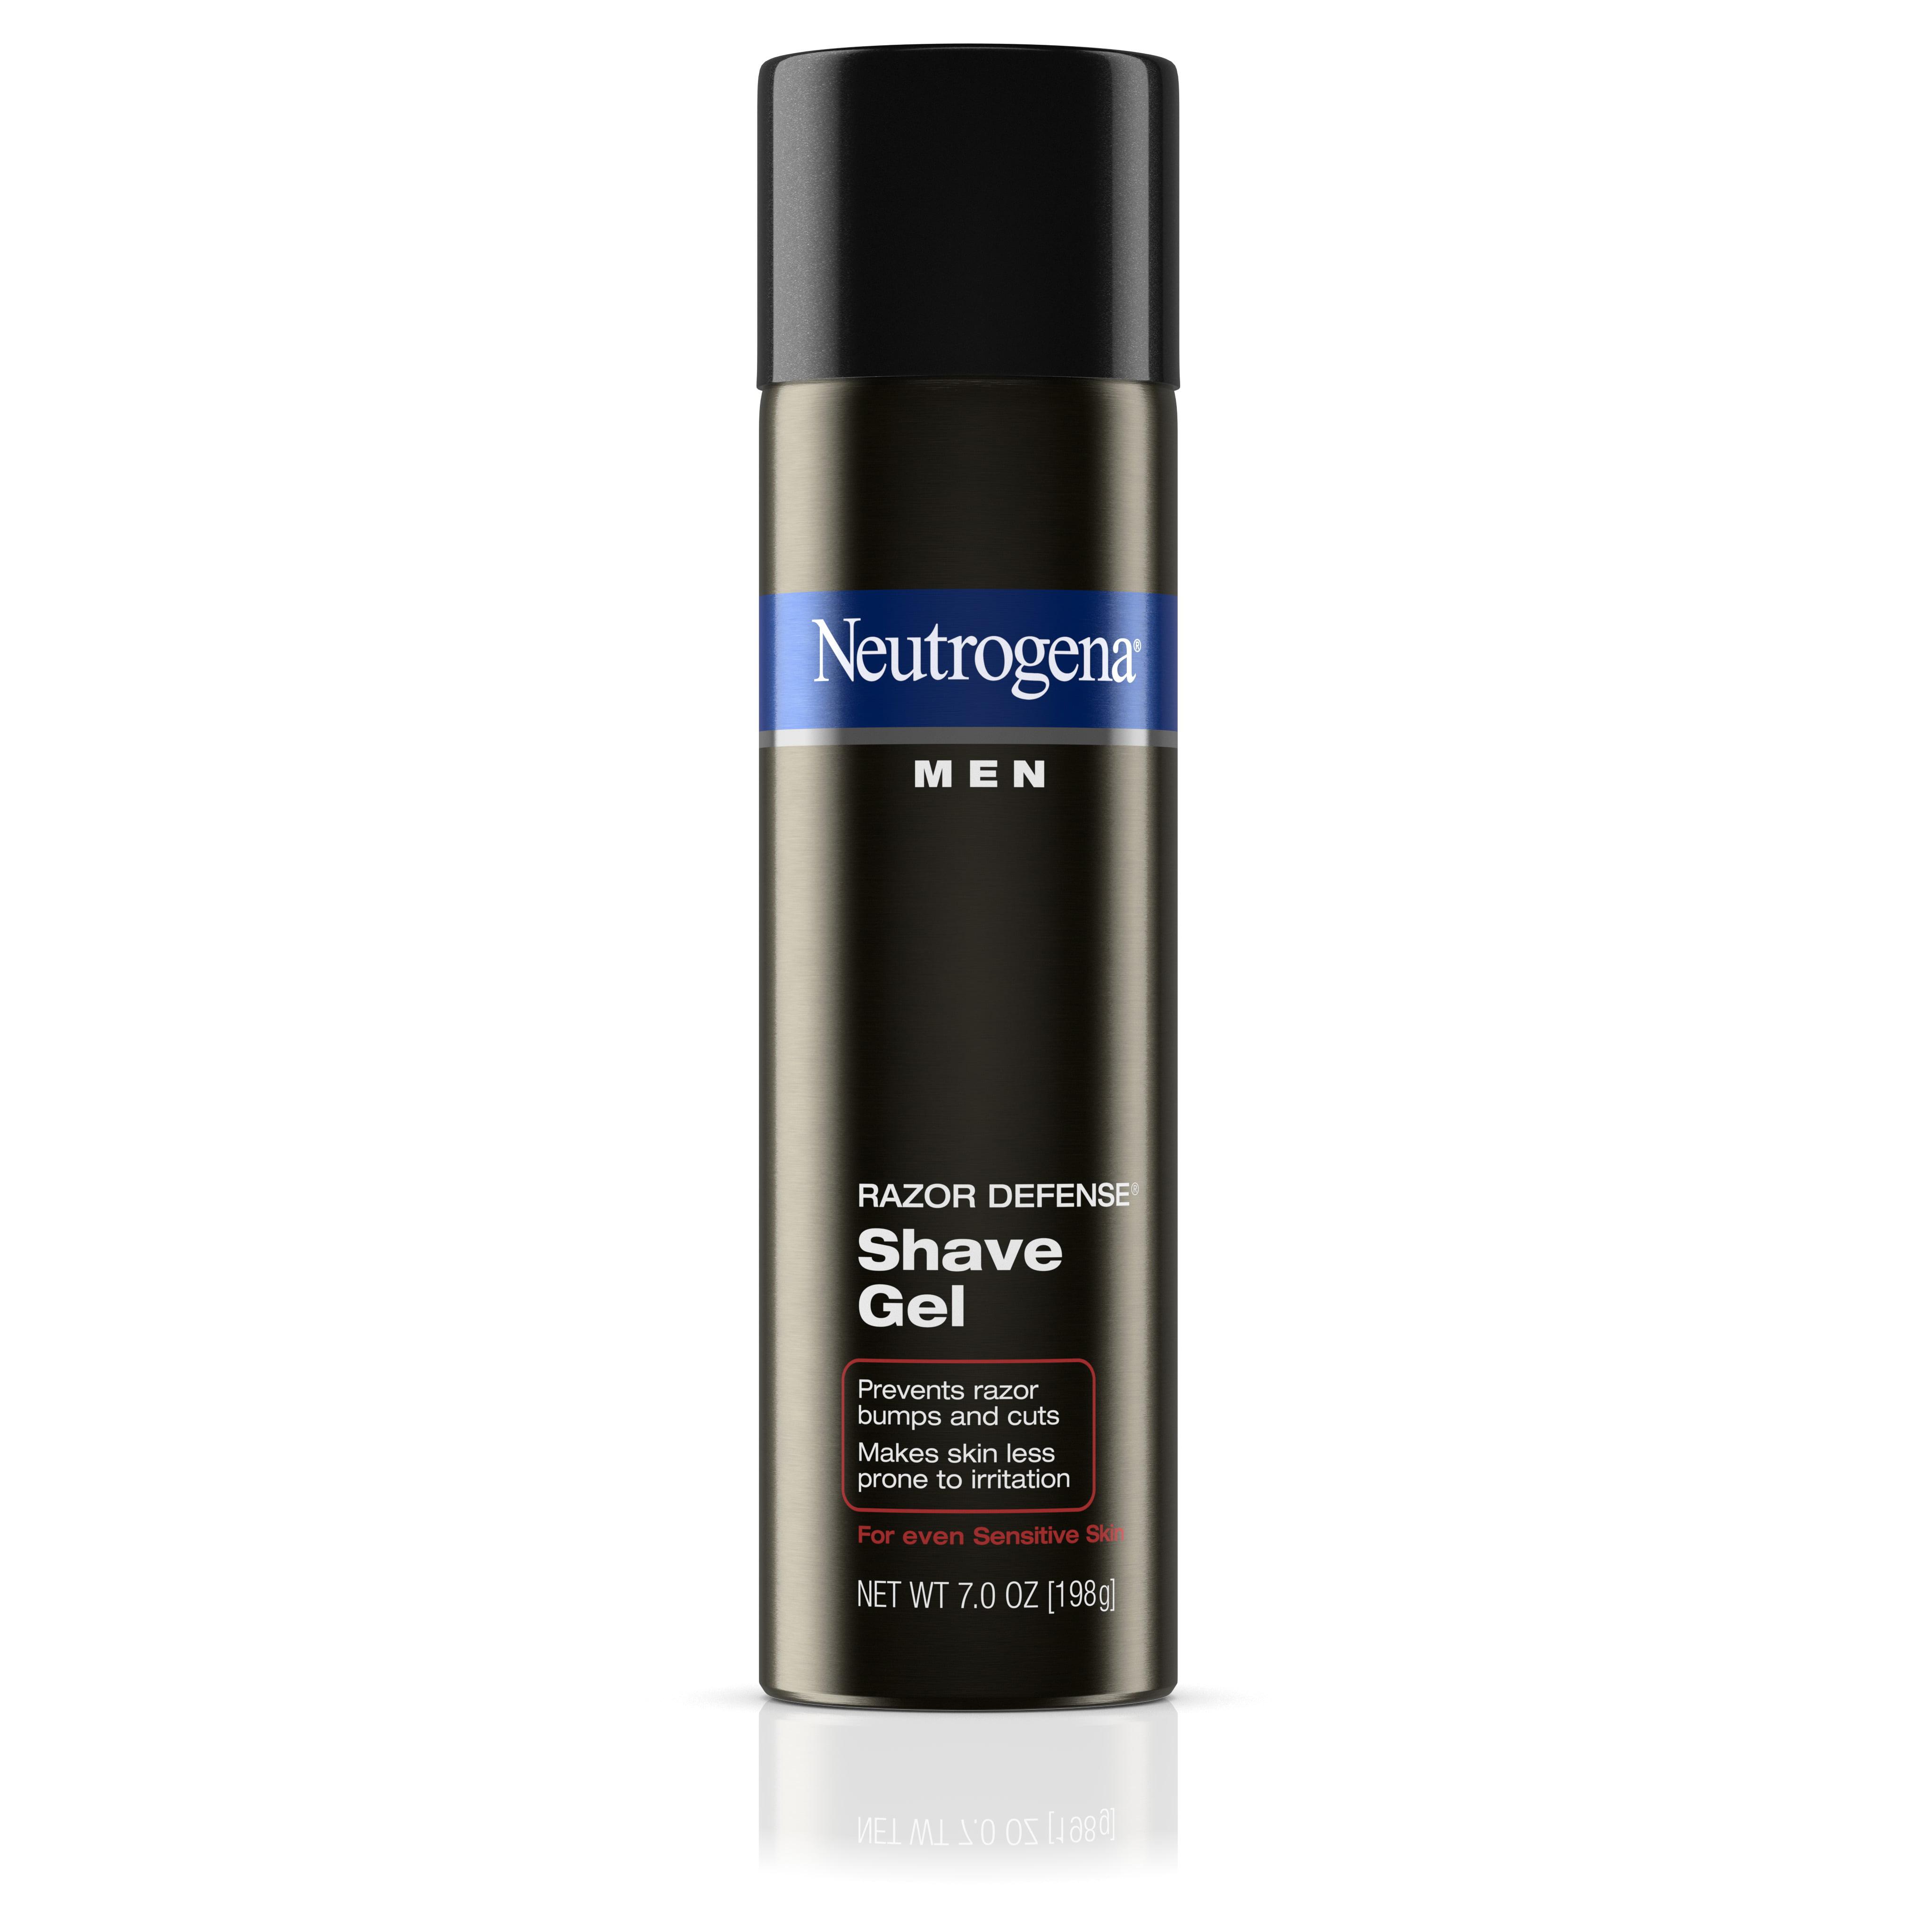 Neutrogena Men Razor Defense Shave Gel For Sensitive Skin, 7 oz